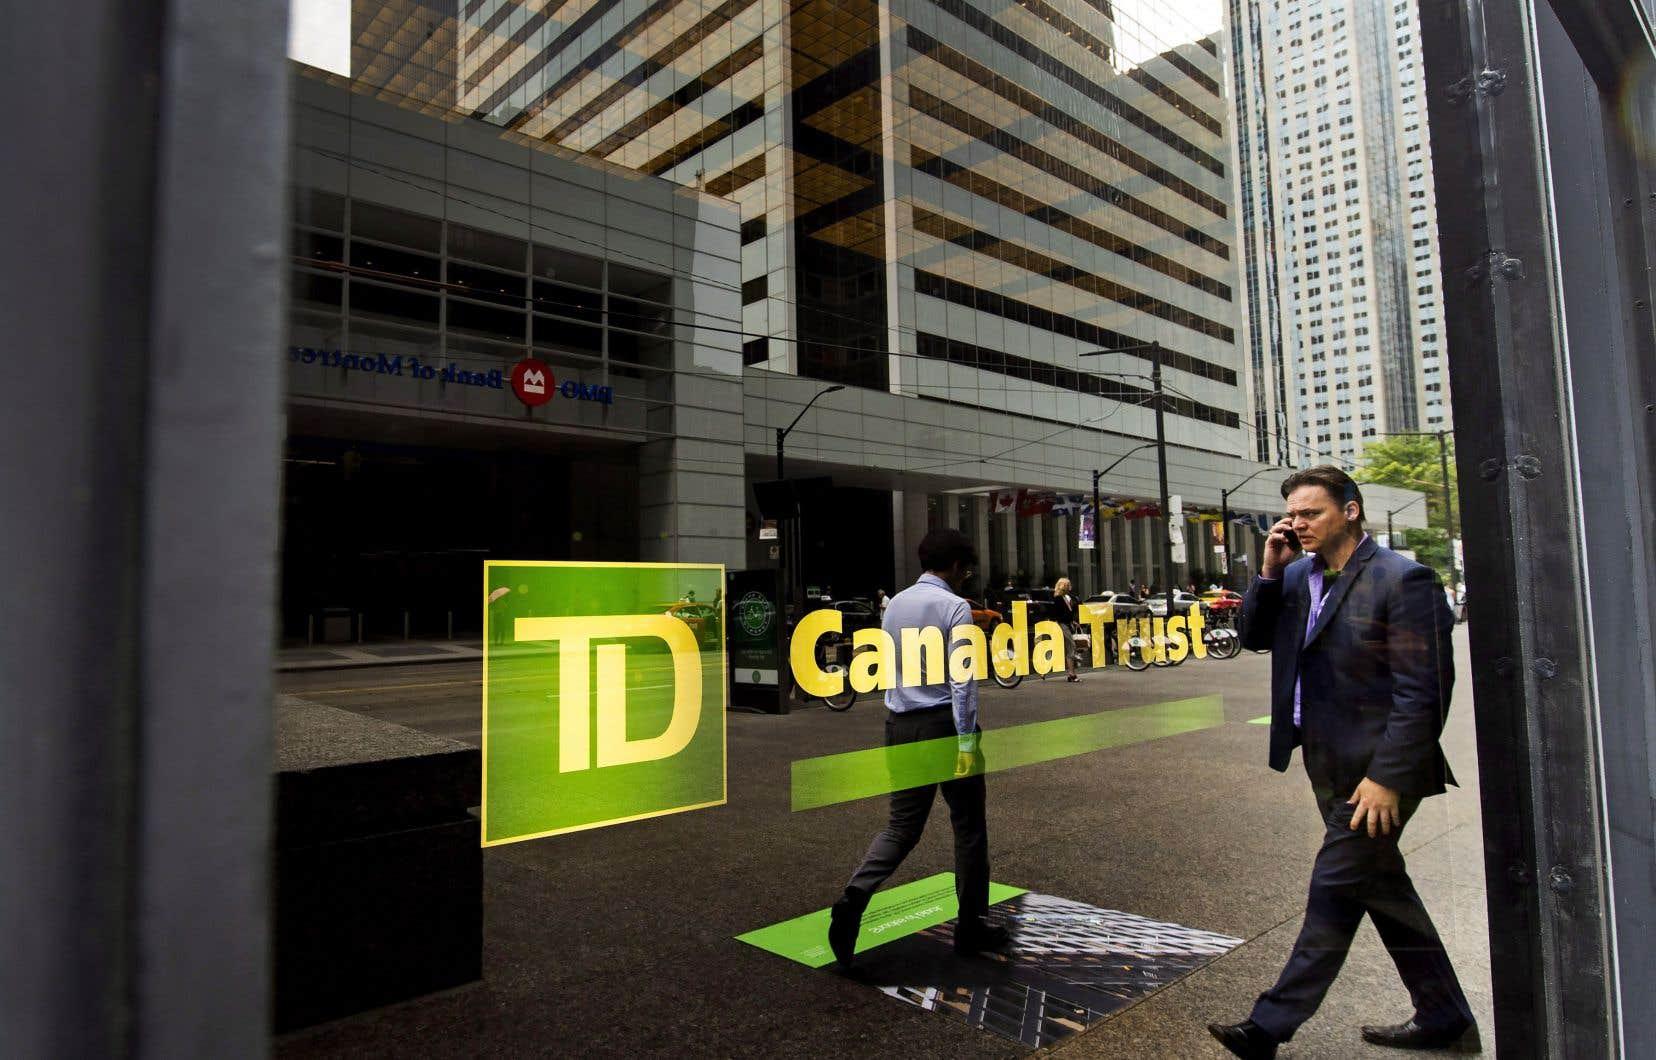 Le bénéfice net de la TD au troisième trimestre s'est élevé à 1,65$ par action, contre 2,77milliards, ou 1,46$ par action, l'an dernier.